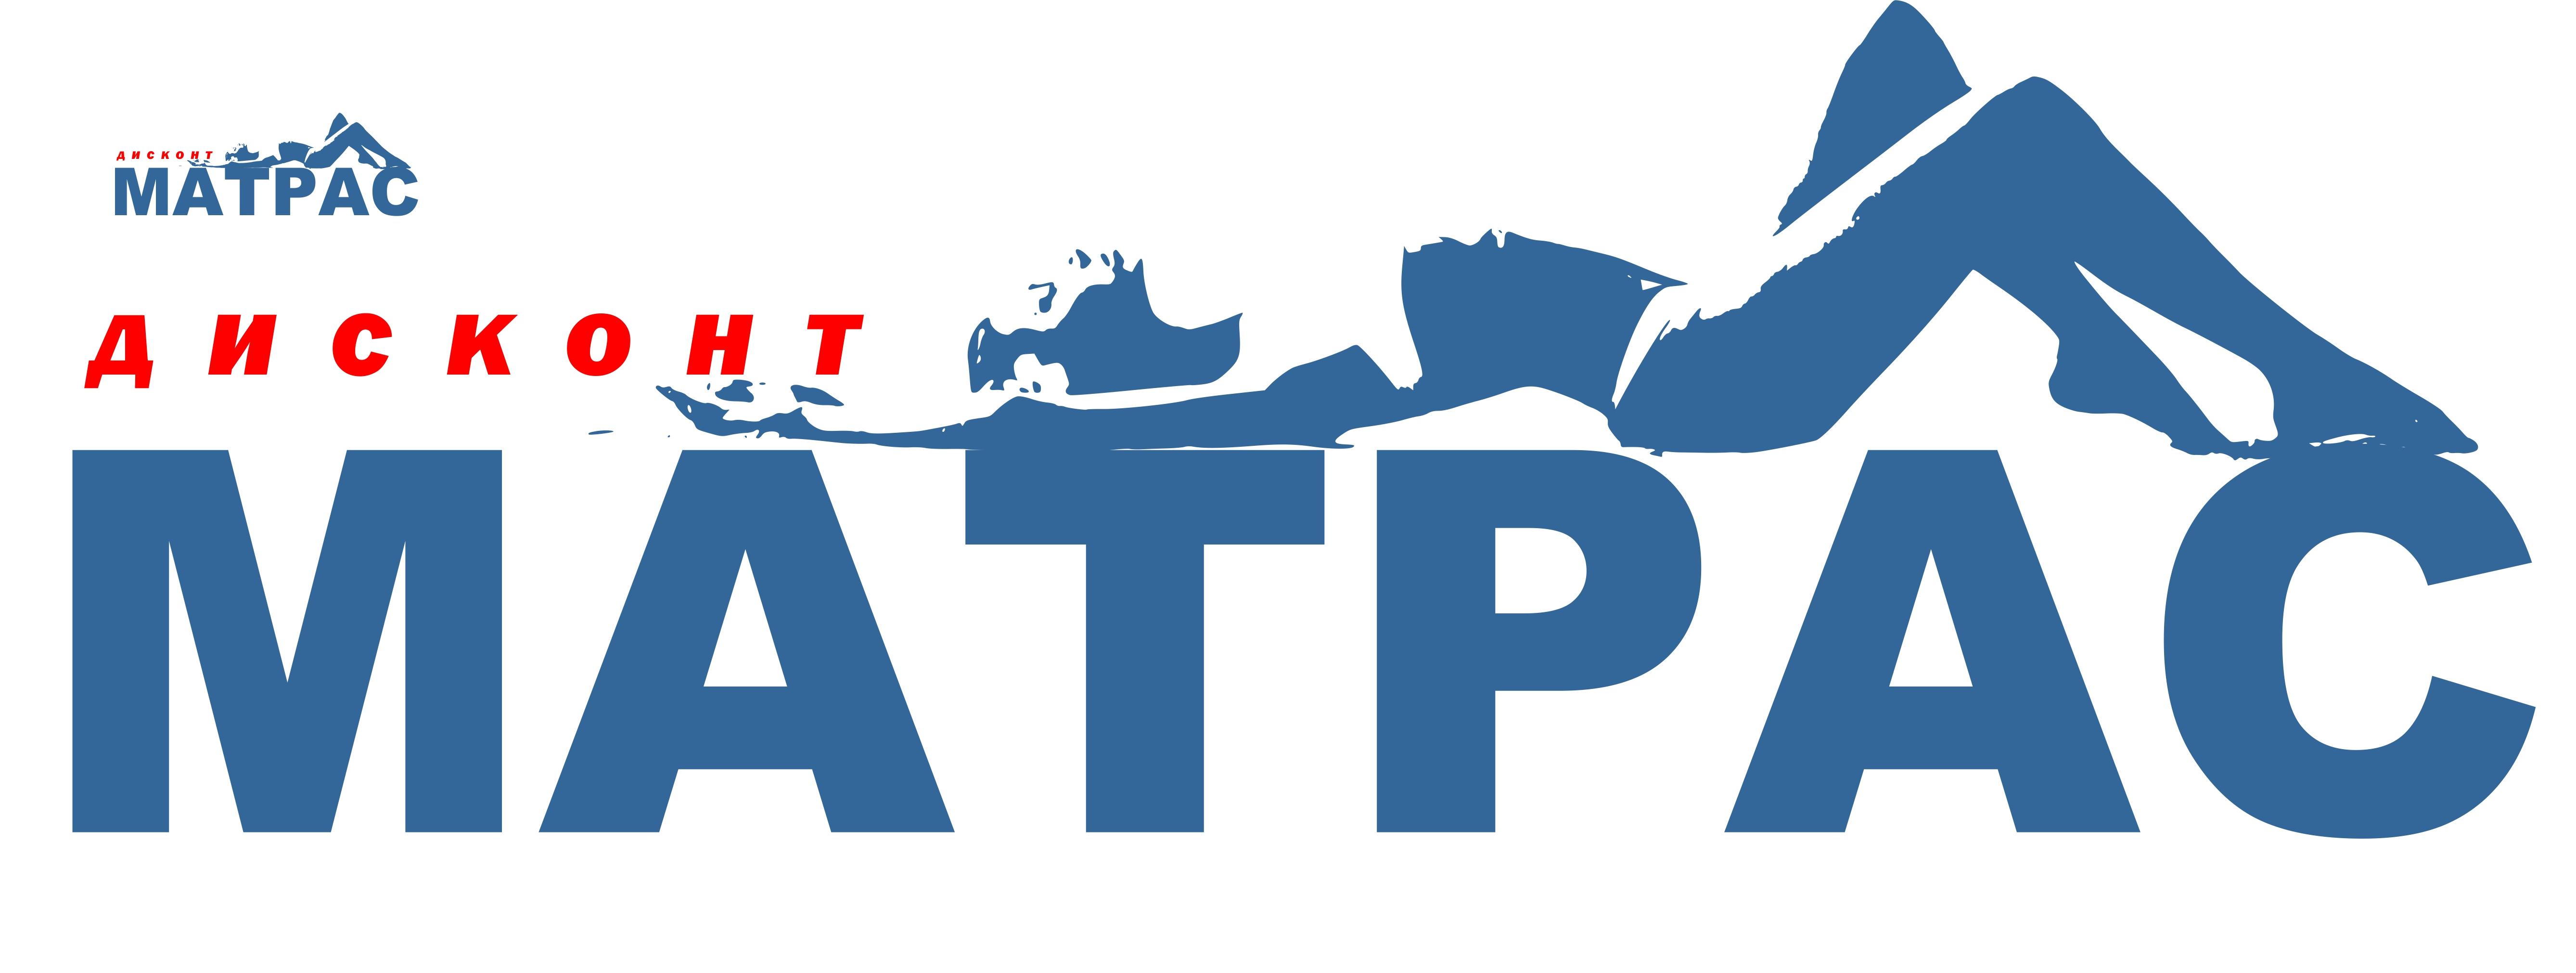 Логотип для ИМ матрасов фото f_5625c89060396f34.jpg